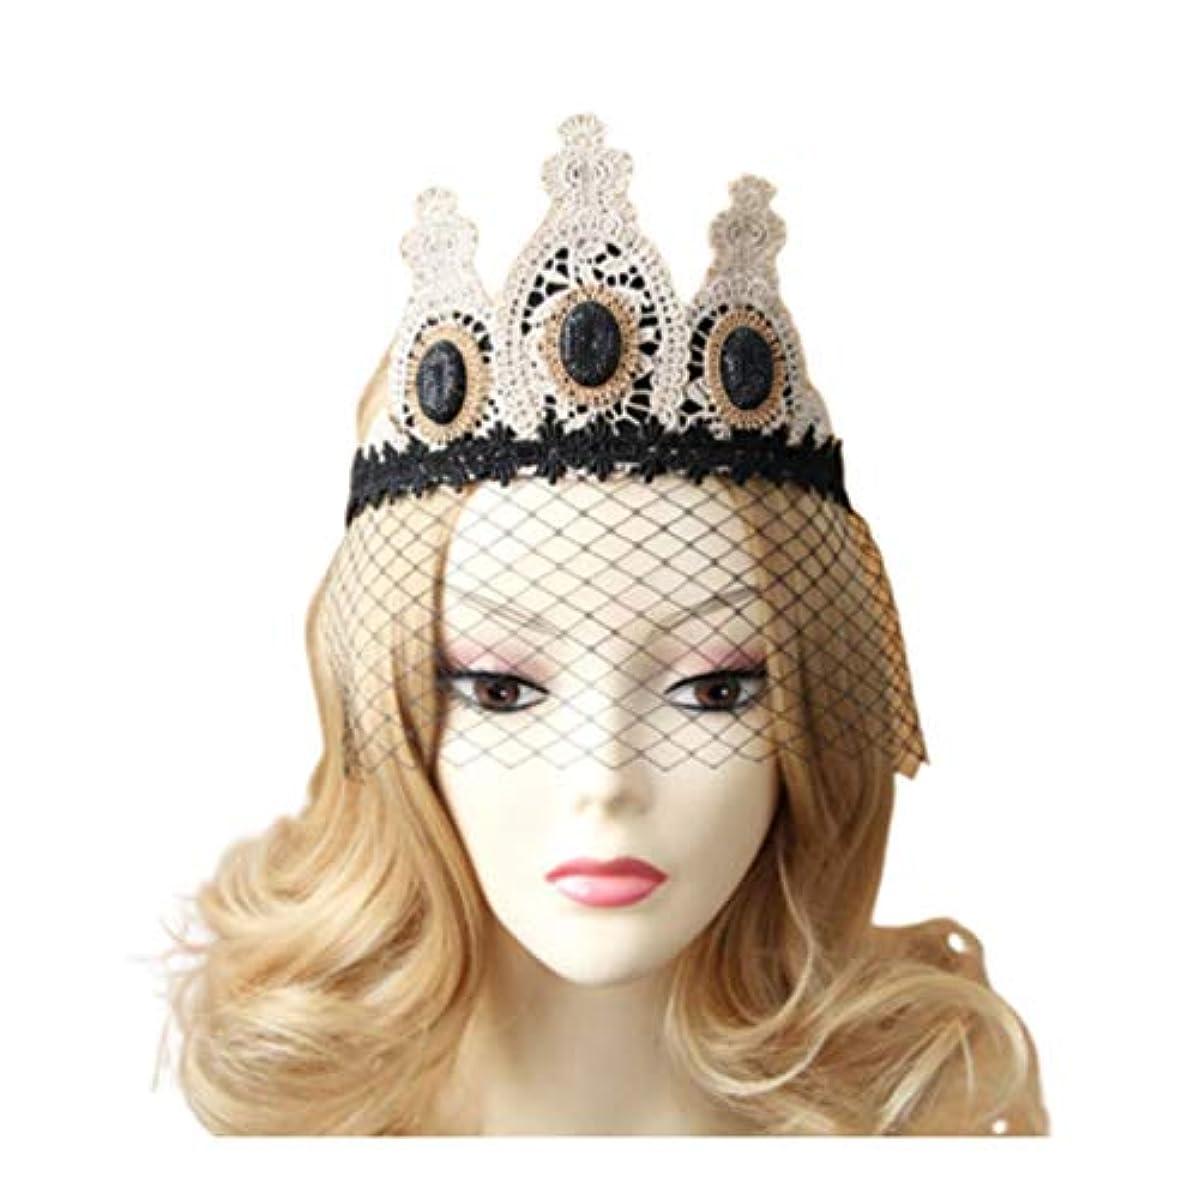 囚人アシストアドバンテージLurrose レースクラウンヴィンテージゴシックメッシュベールヘッドバンドレースベール帽子ハロウィンヘア装飾用女性女性